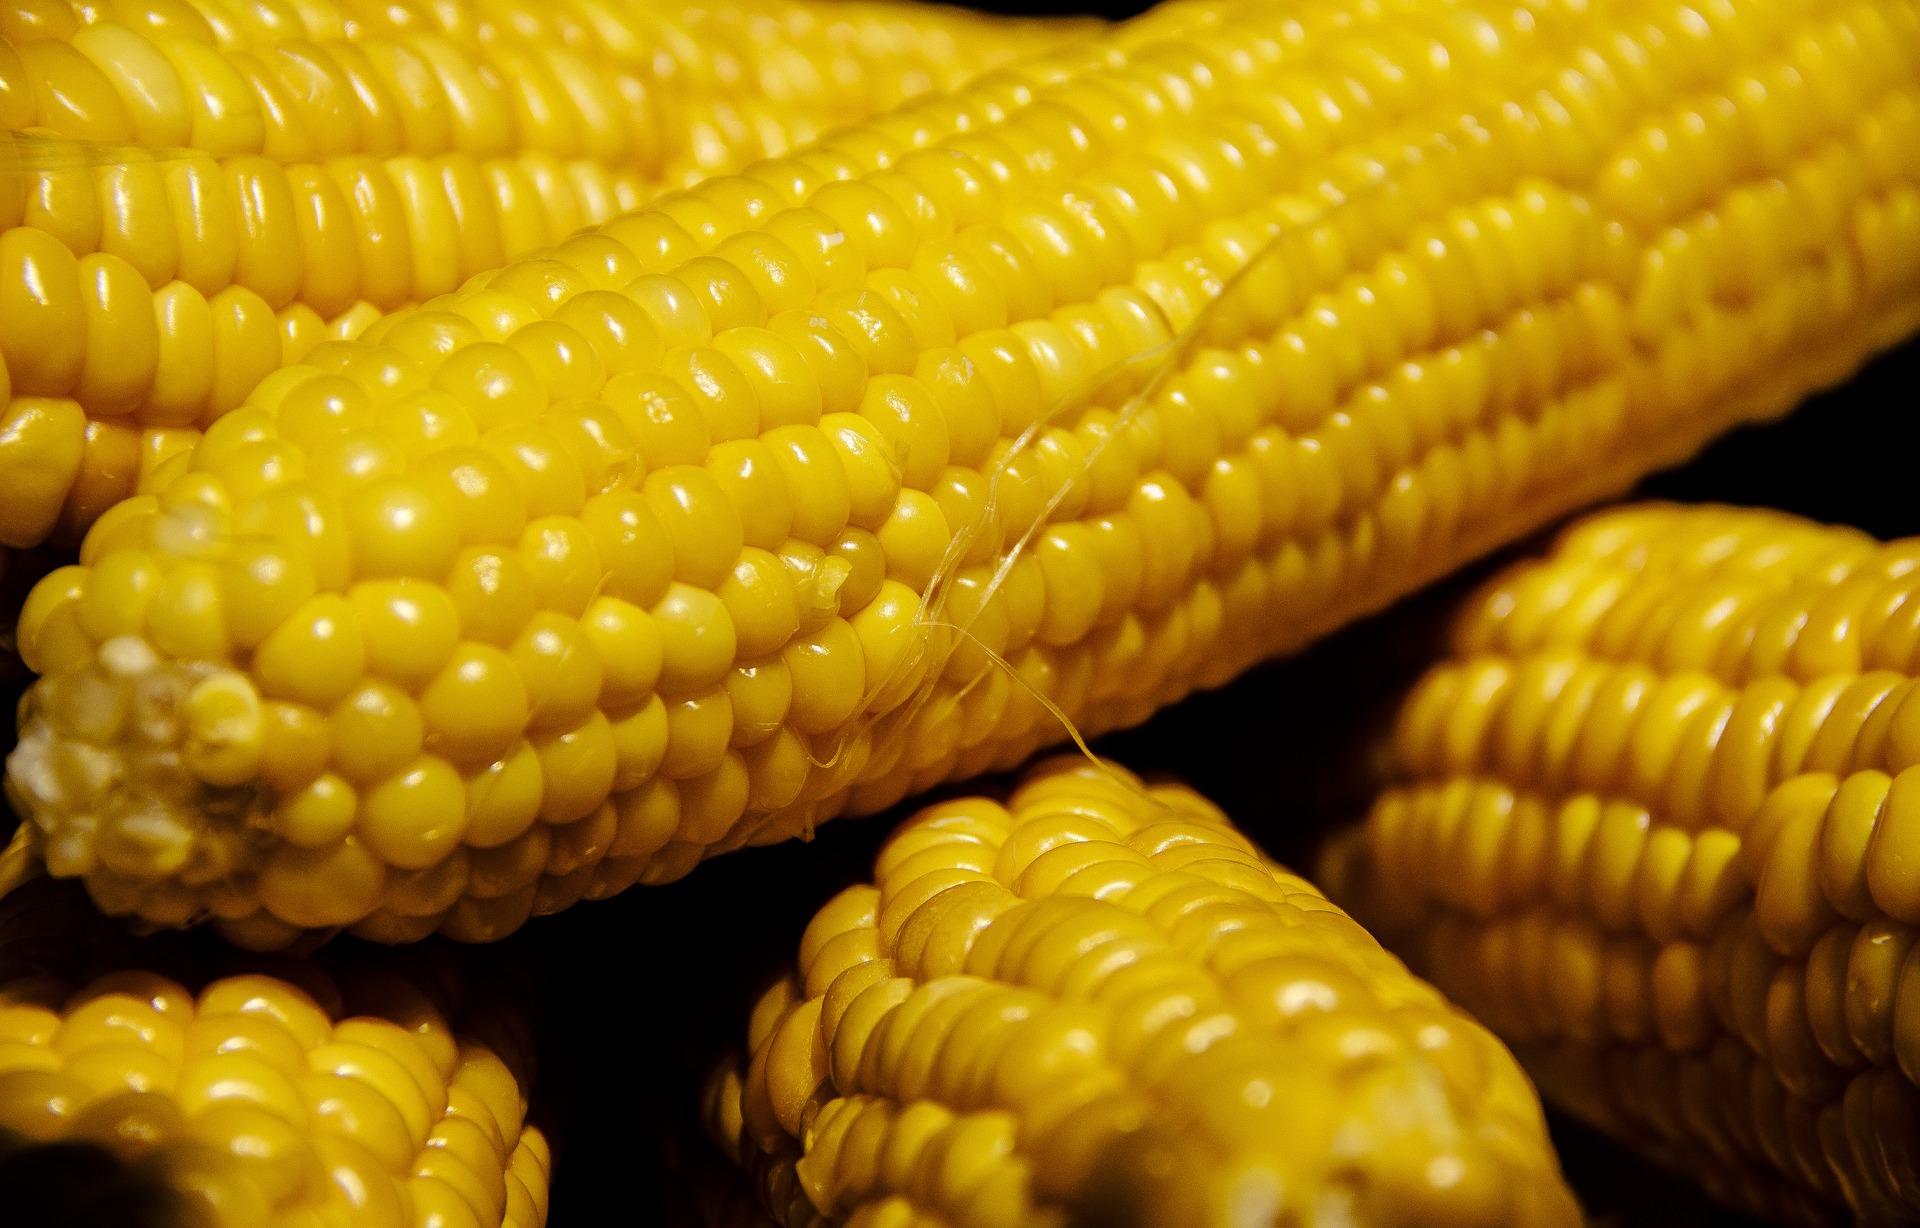 「微波爐竟然能煮玉米?」 3 種玉米快速煮法,教你煮出玉米的香甜可口